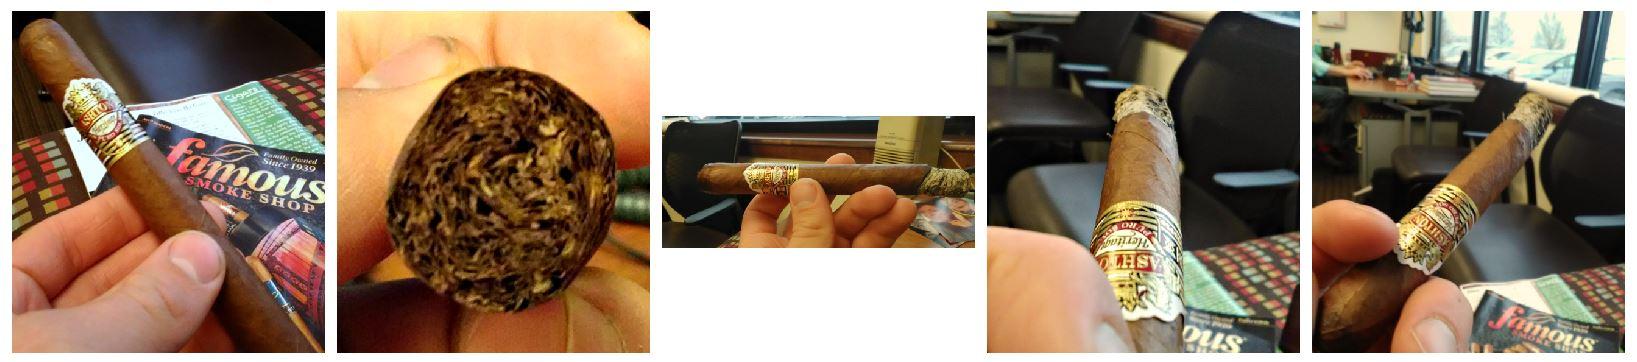 Ashton cigars guide ashton Heritage puro sol cigars FL